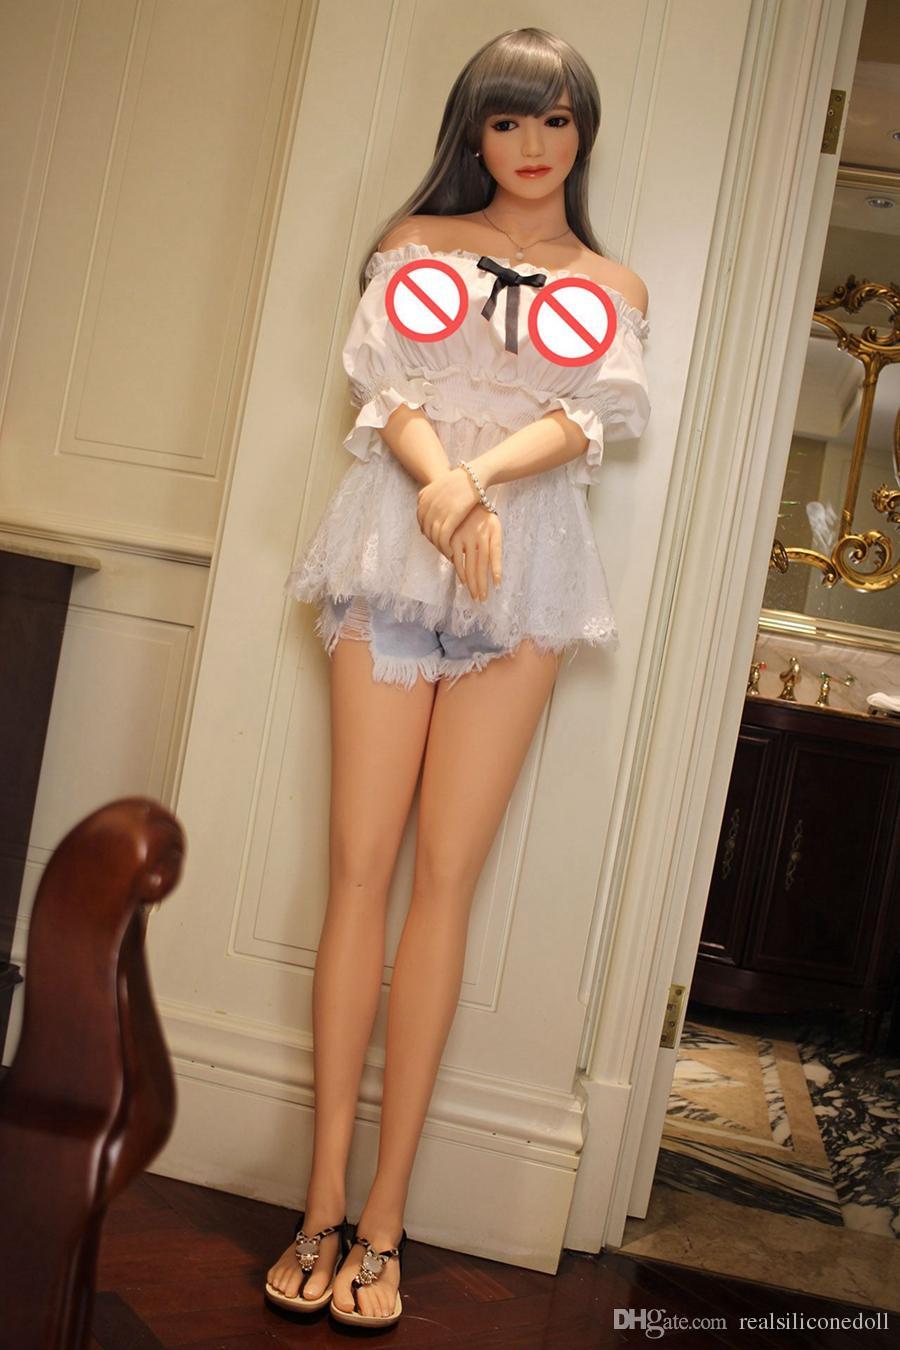 165 cm real grande mama nova boneca rosto esqueleto de metal adulto amor boneca para homens sex shop online reais bonecas sexuais de silicone